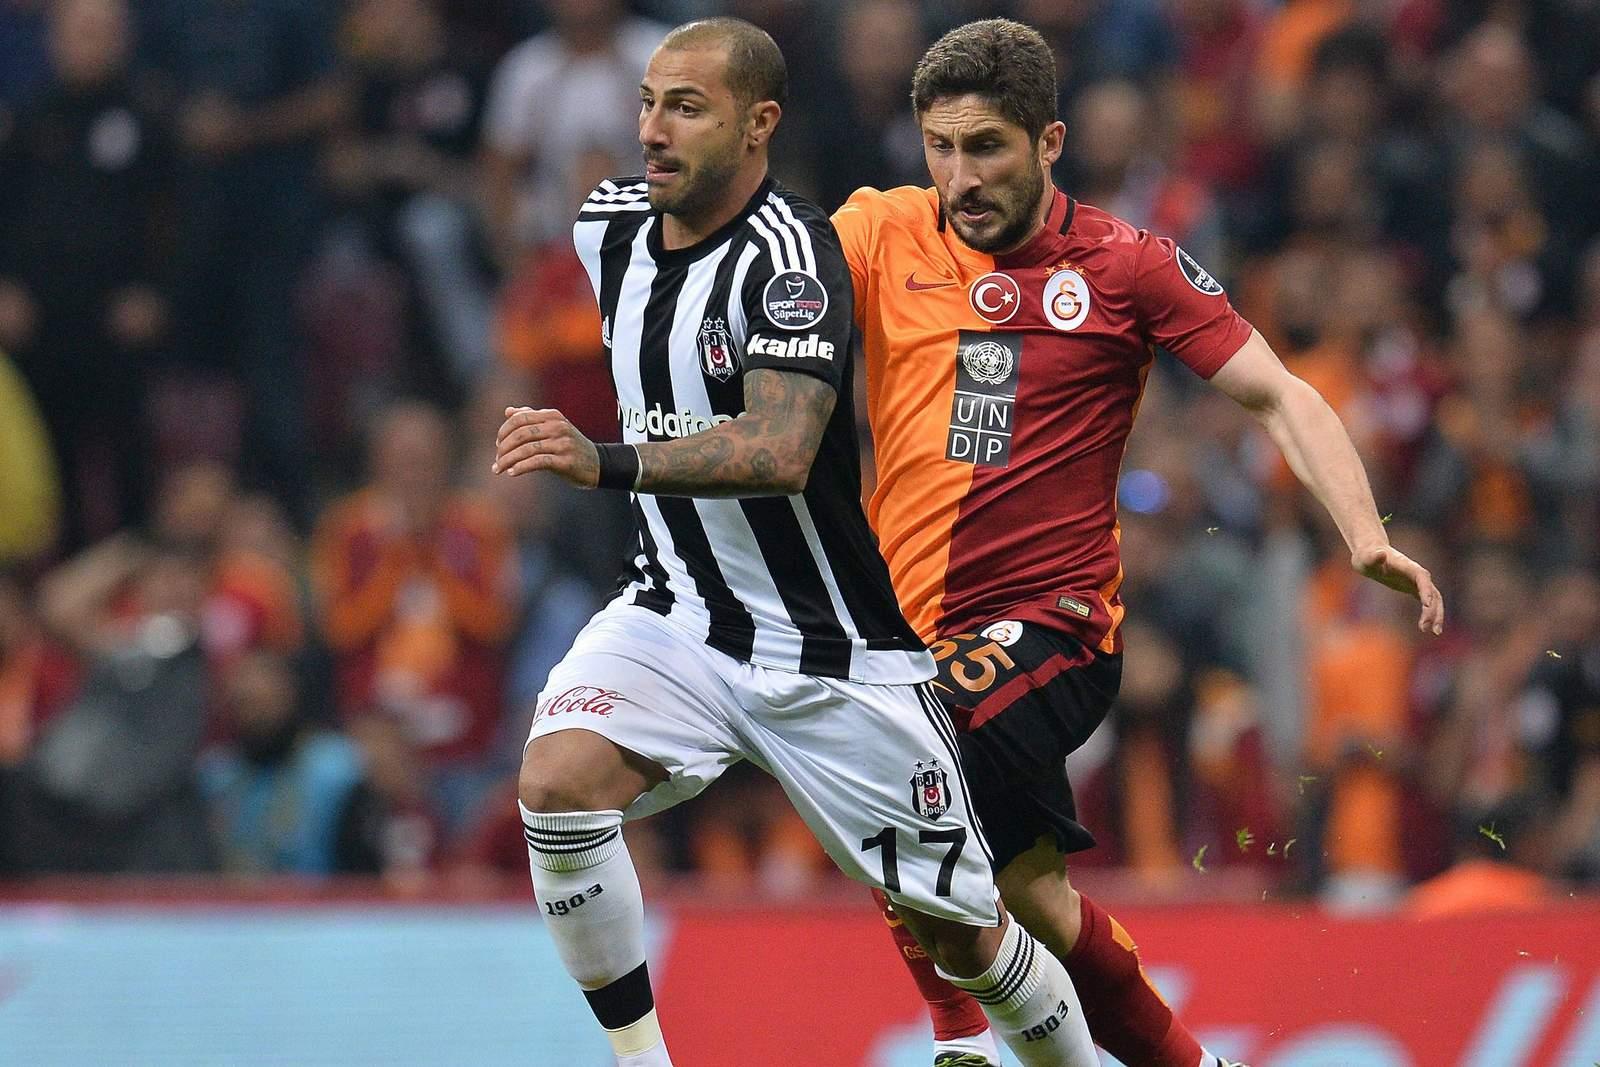 Sabri könnte in Trabzon in der Startelf stehen. Jetzt auf Trabzonspor gegen Galatasaray wetten!